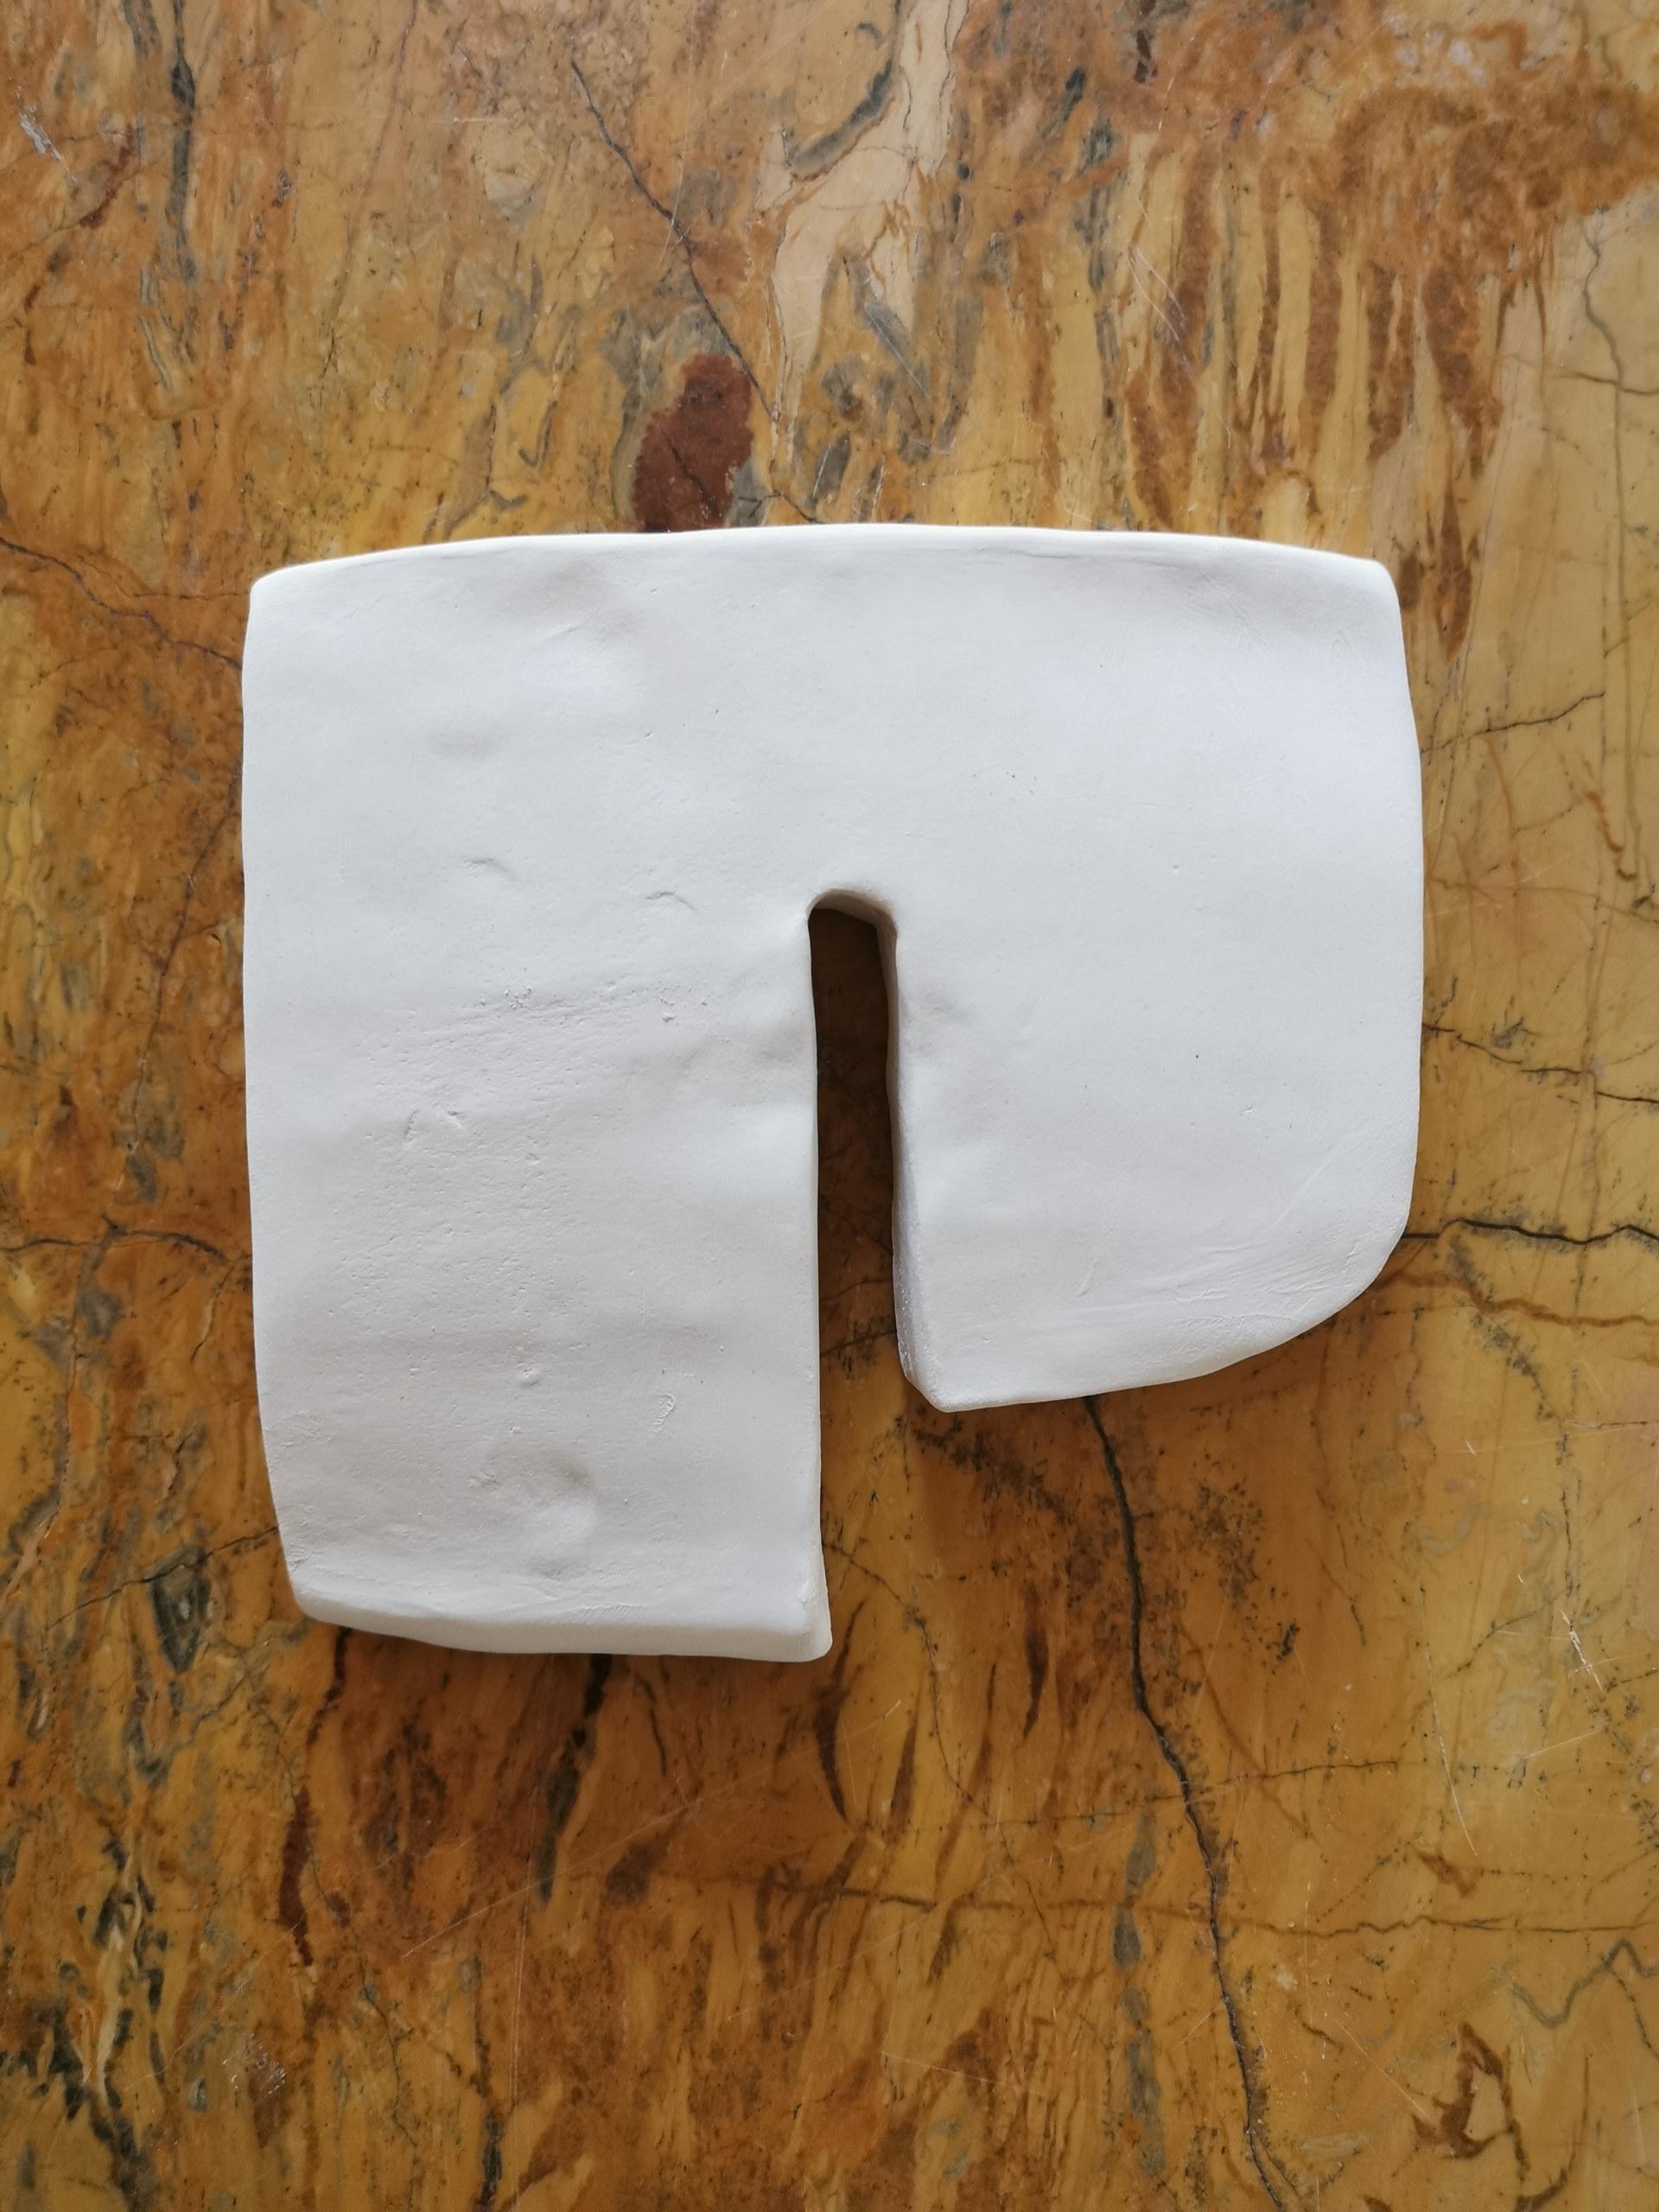 Forme fertile #17, 2020, faience blanche, 14x14 cm